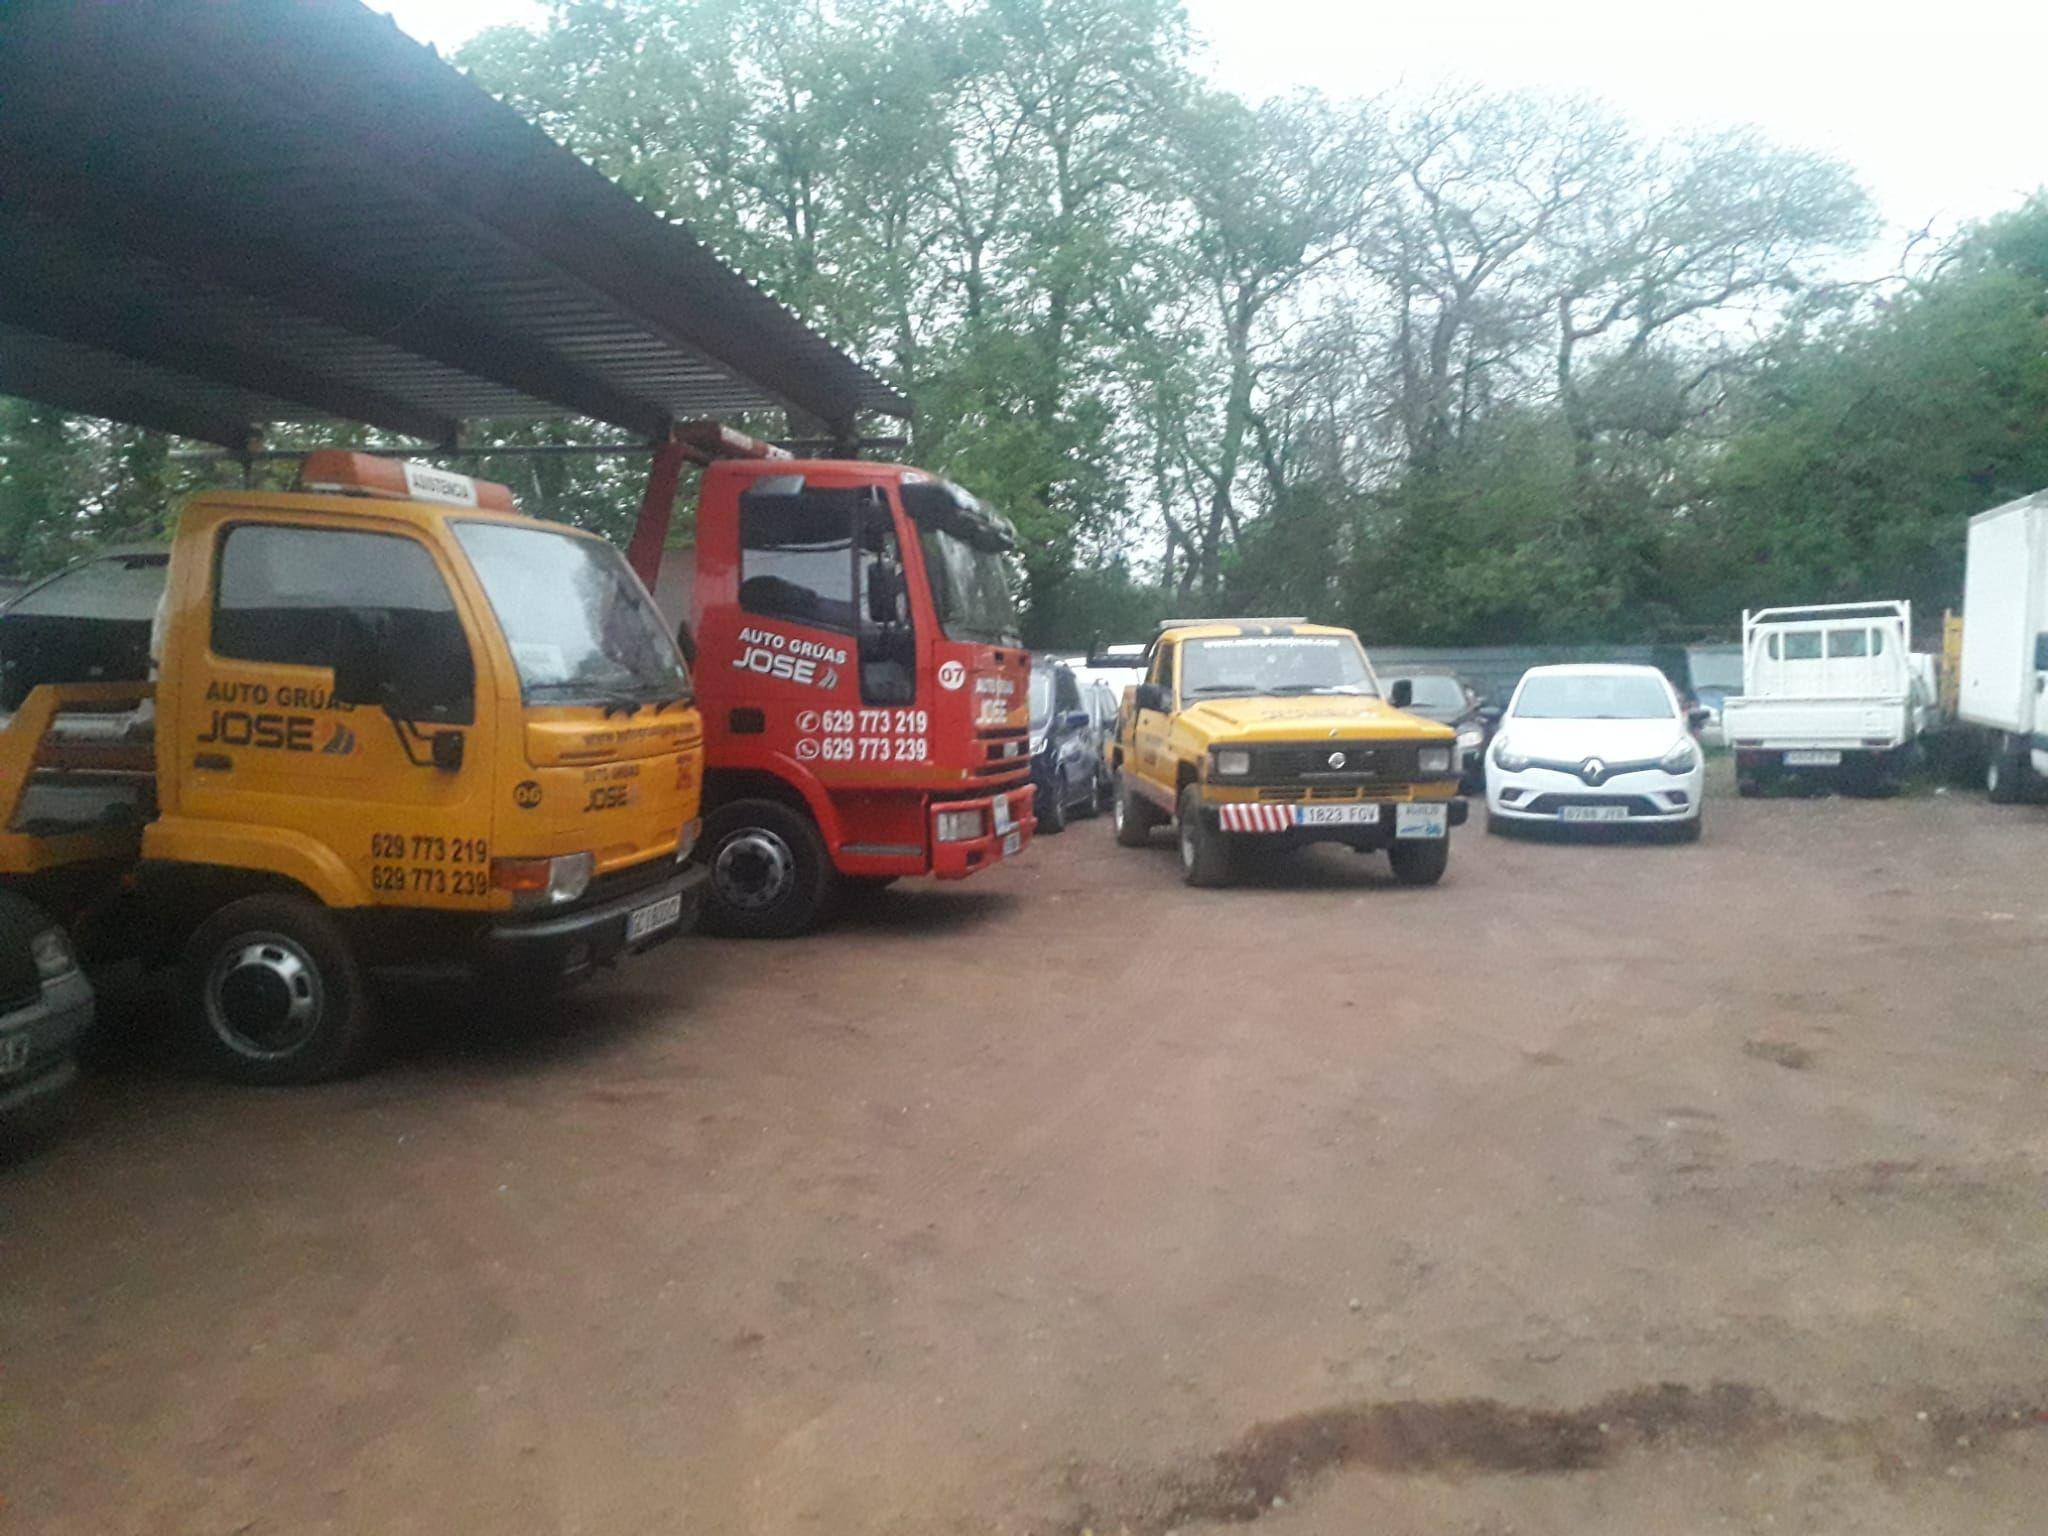 Foto 14 de Grúas para vehículos en El Sauzal | Auto Grúas Jose